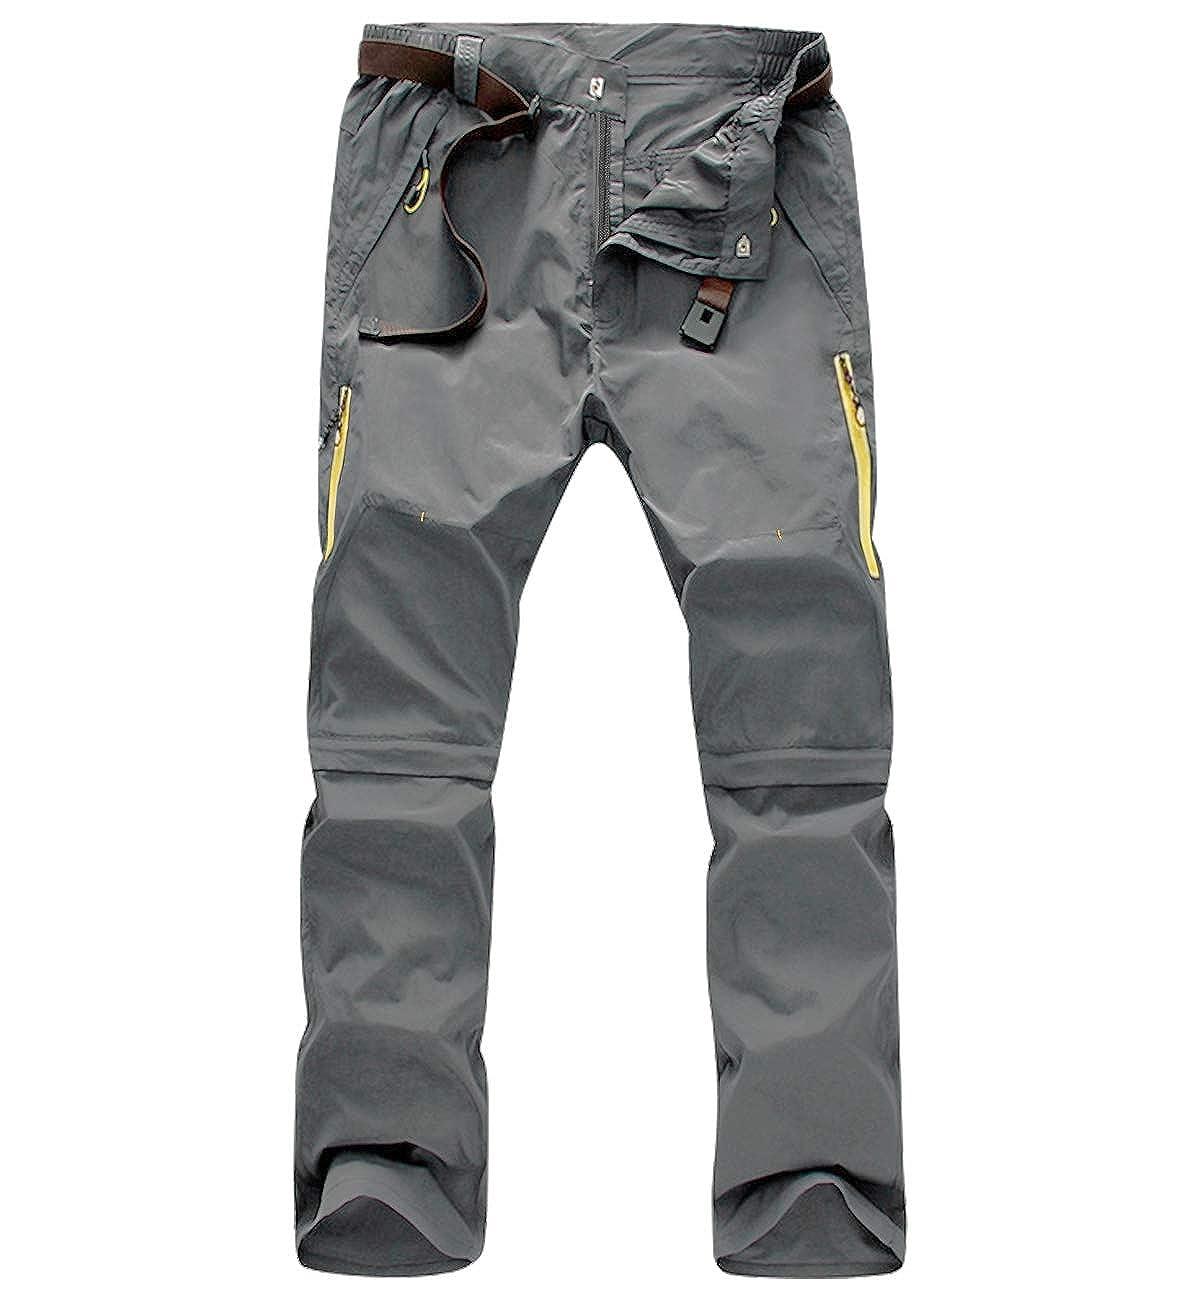 Superora Pantalones Hombres Largo/Corto Impermeable Senderismo Táctico Camuflaje Secado Rápido Fino y Transpirable para Primavera y Verano